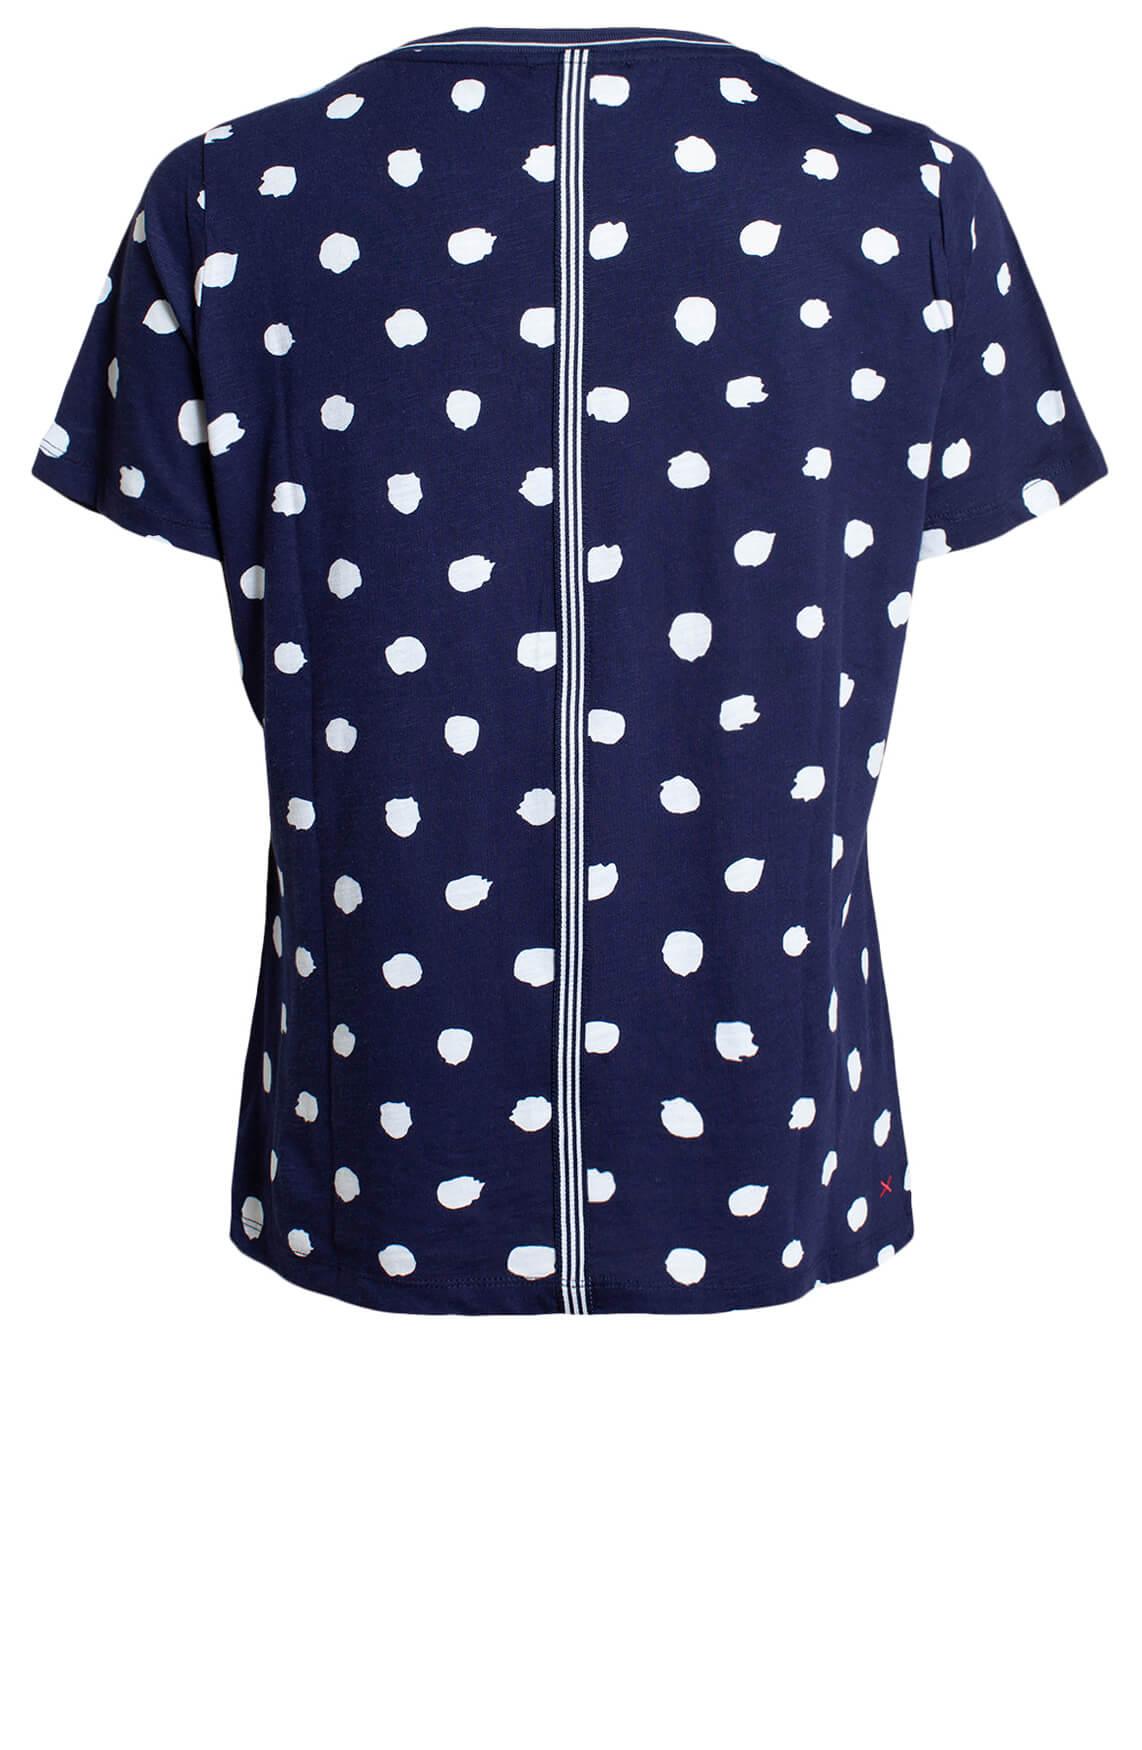 Anna Blue Dames Shirt met stippen Blauw